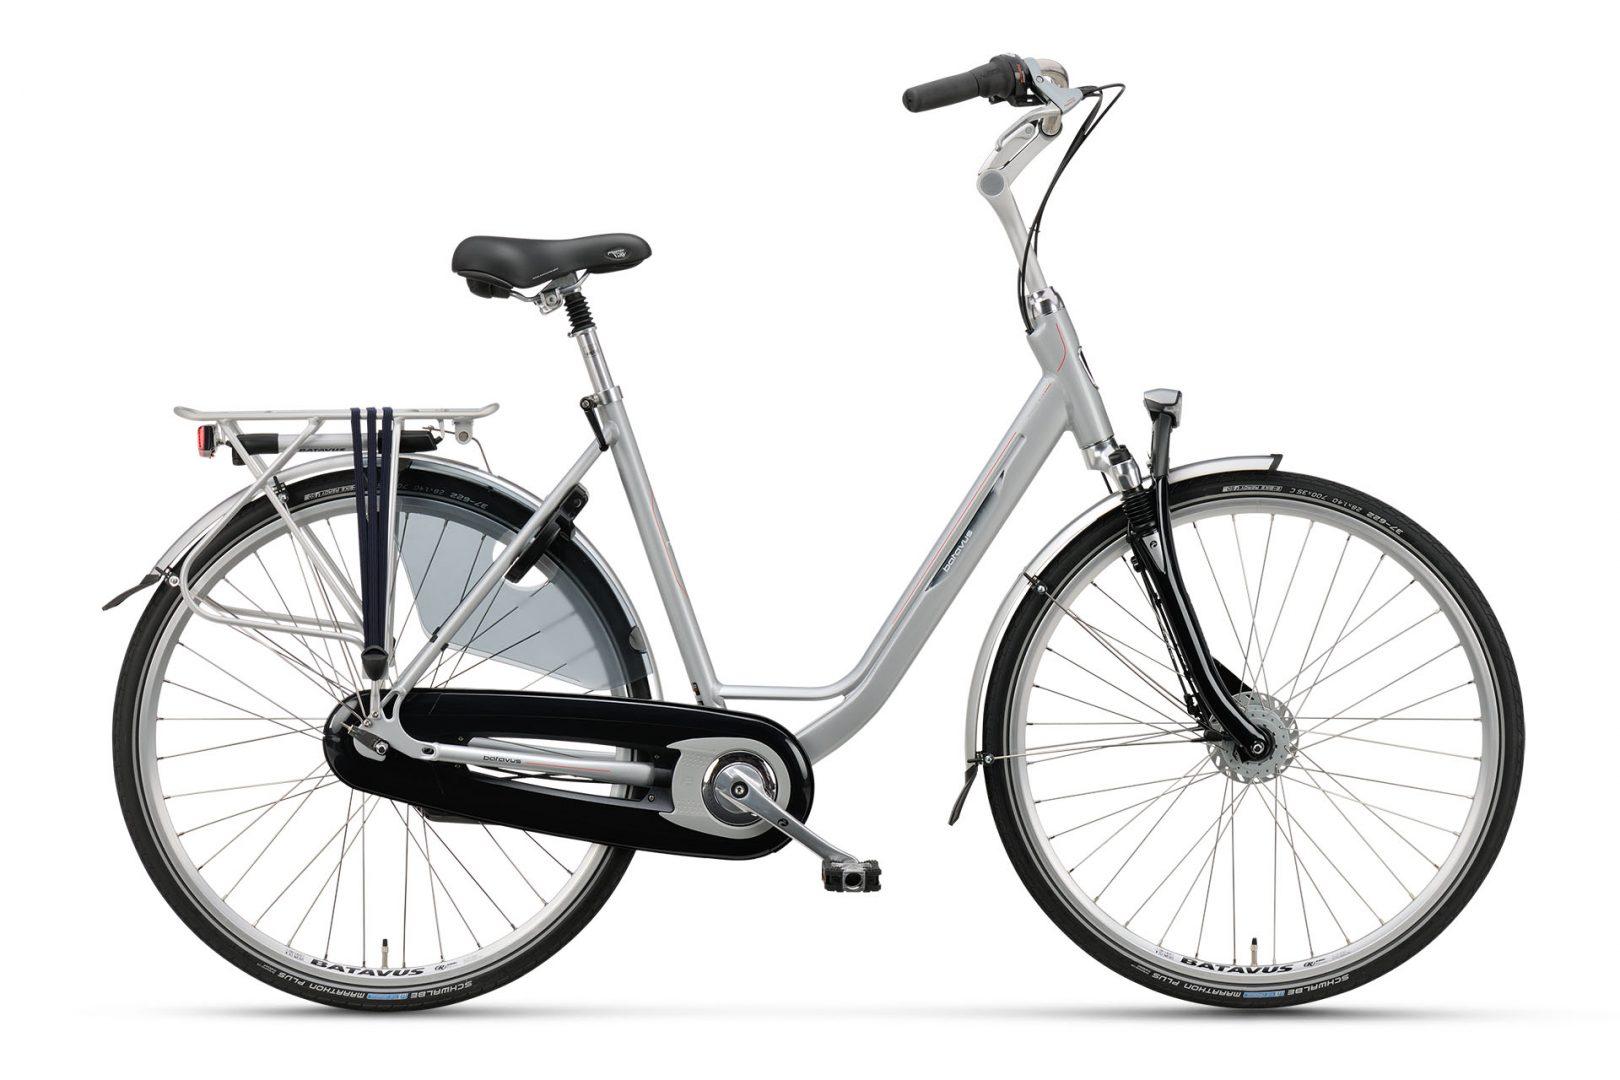 Luxe fiets met versnellingen, Batavus Holiday luxe, fiets met versnellingen en vering in de voorvork, dames model